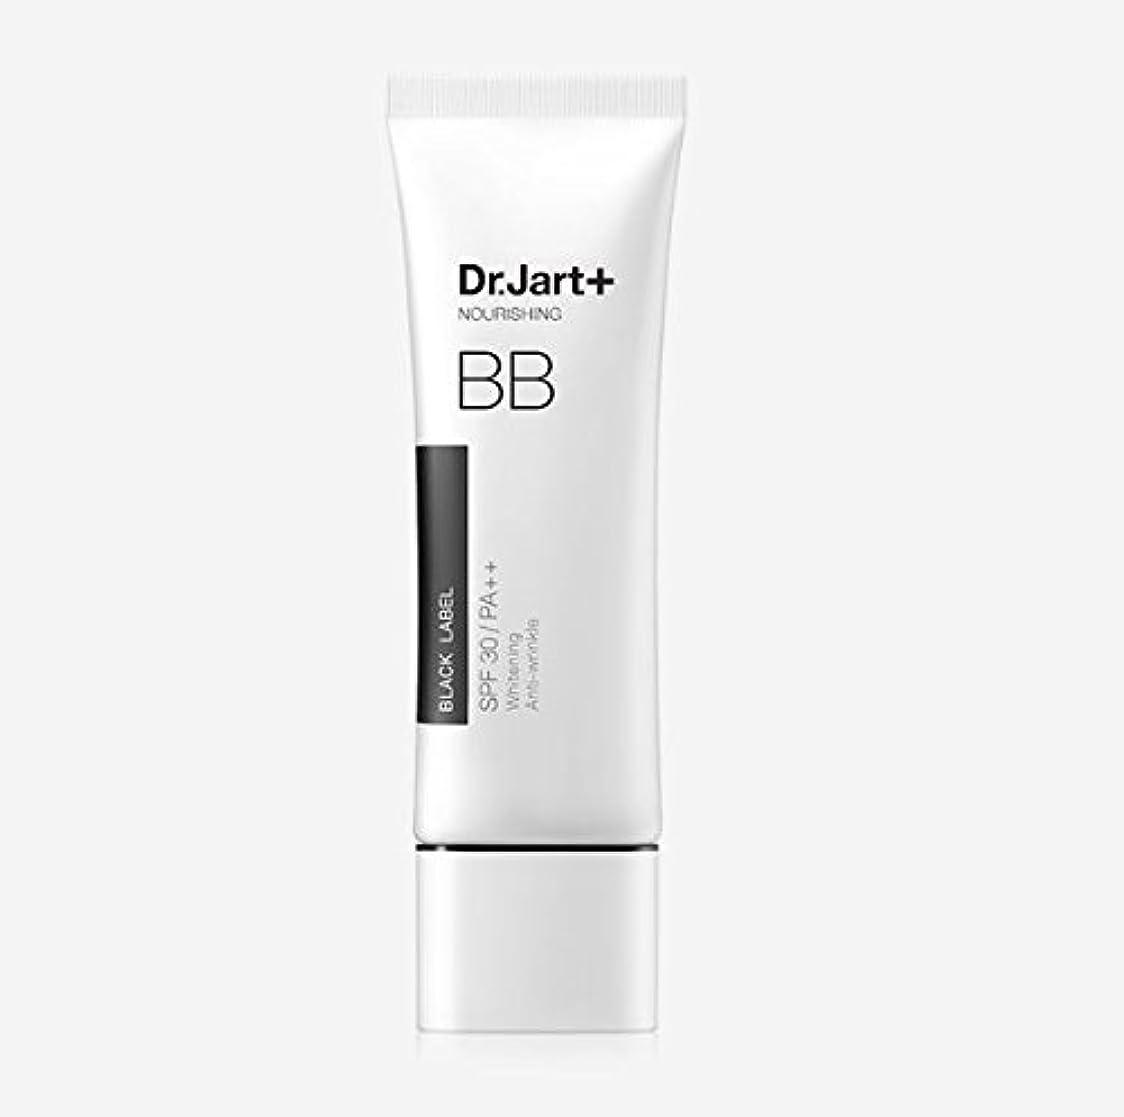 川説教可動式[Dr. Jart] Black Label BB Nourishing Beauty Balm 50ml SPF30 PA++/[ドクタージャルト] ブラックラベル BB ナリーシン ビューティー バーム 50ml SPF30...